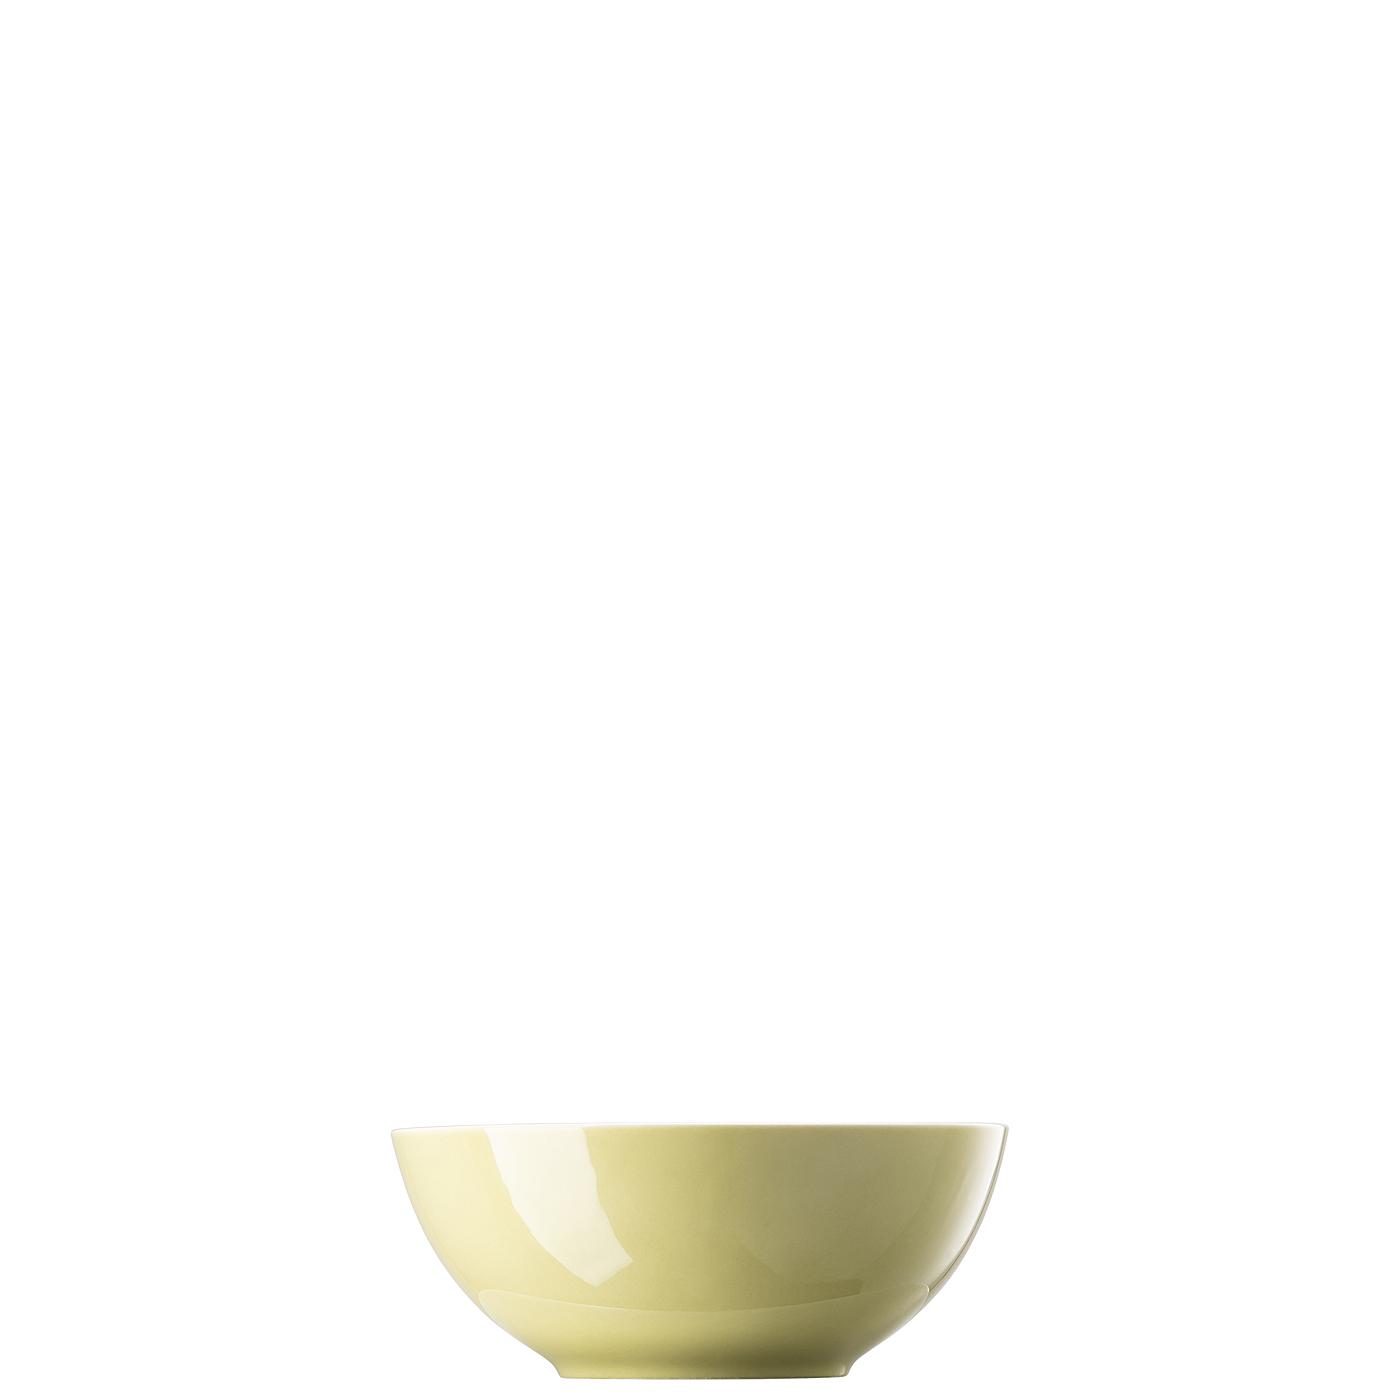 Müslischale 15 cm Sunny Day Avocado Green Thomas Porzellan